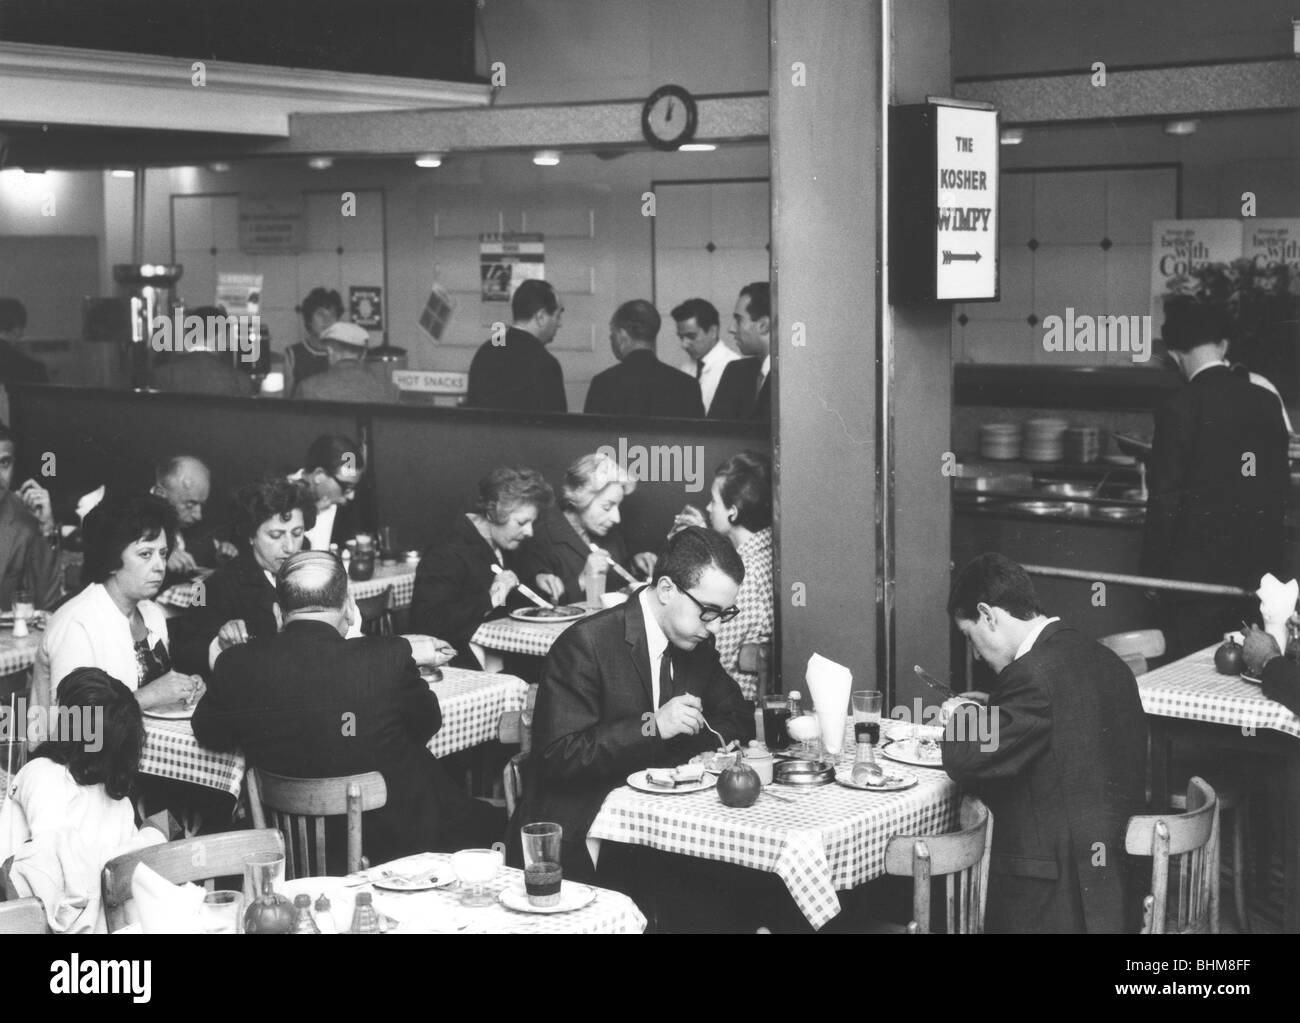 Barnett's Restaurant, Middlesex Street, London E1, August 1966. Artist: EH Emanuel Stock Photo